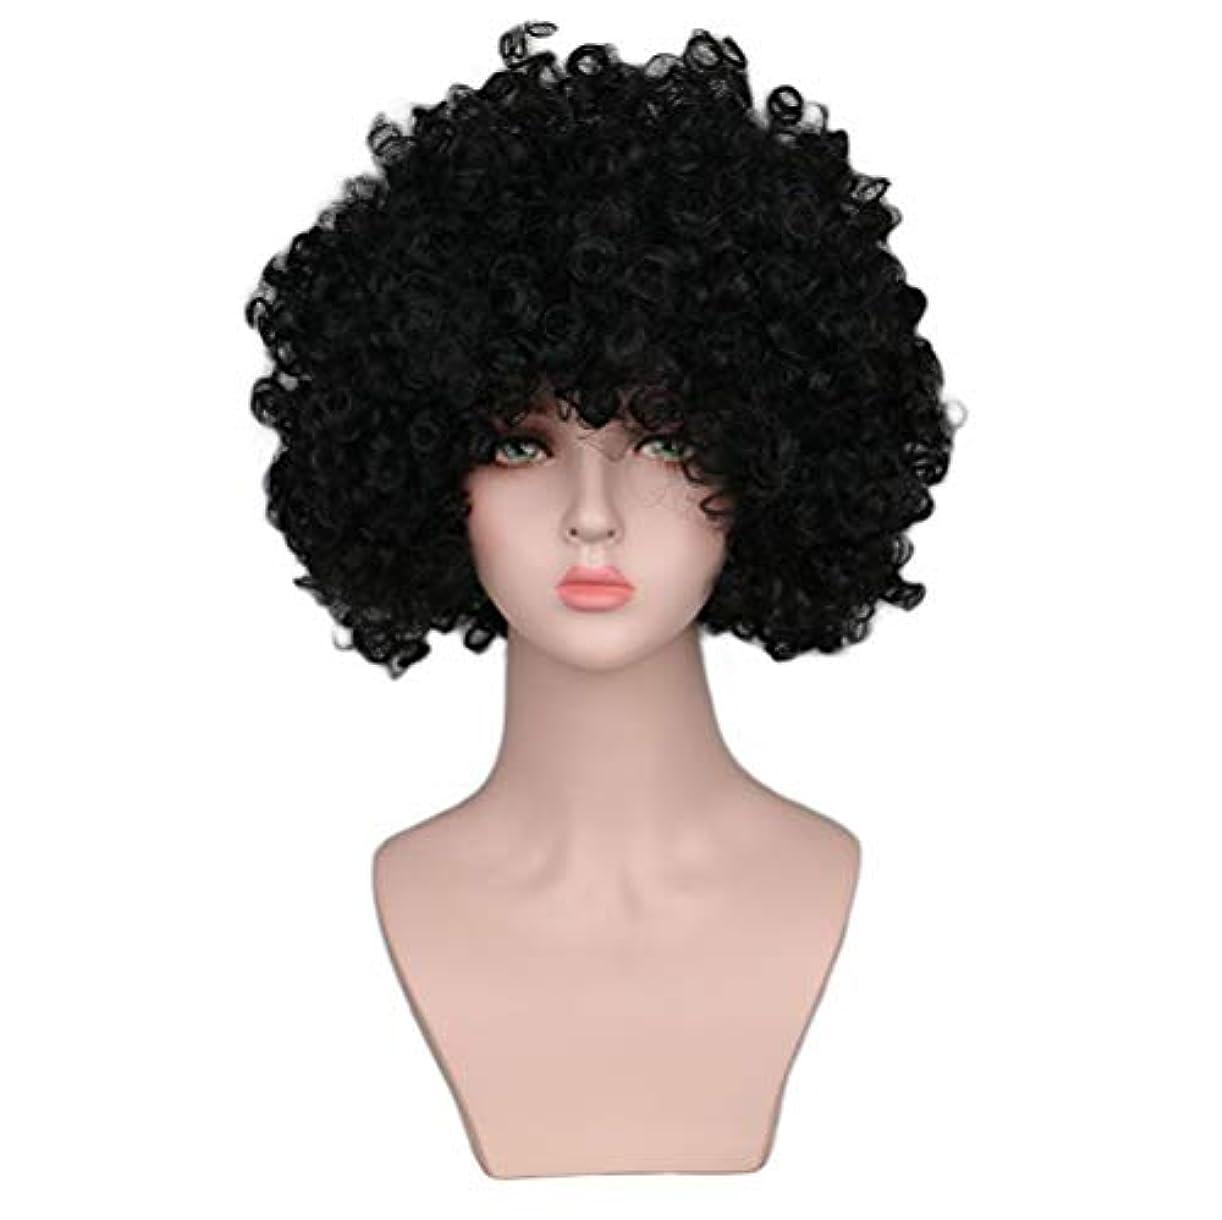 さびた眼ブレスかつら女性150%密度爆発耐熱合成小体積爆発ヘッドショートヘアブラックローズヘアネット